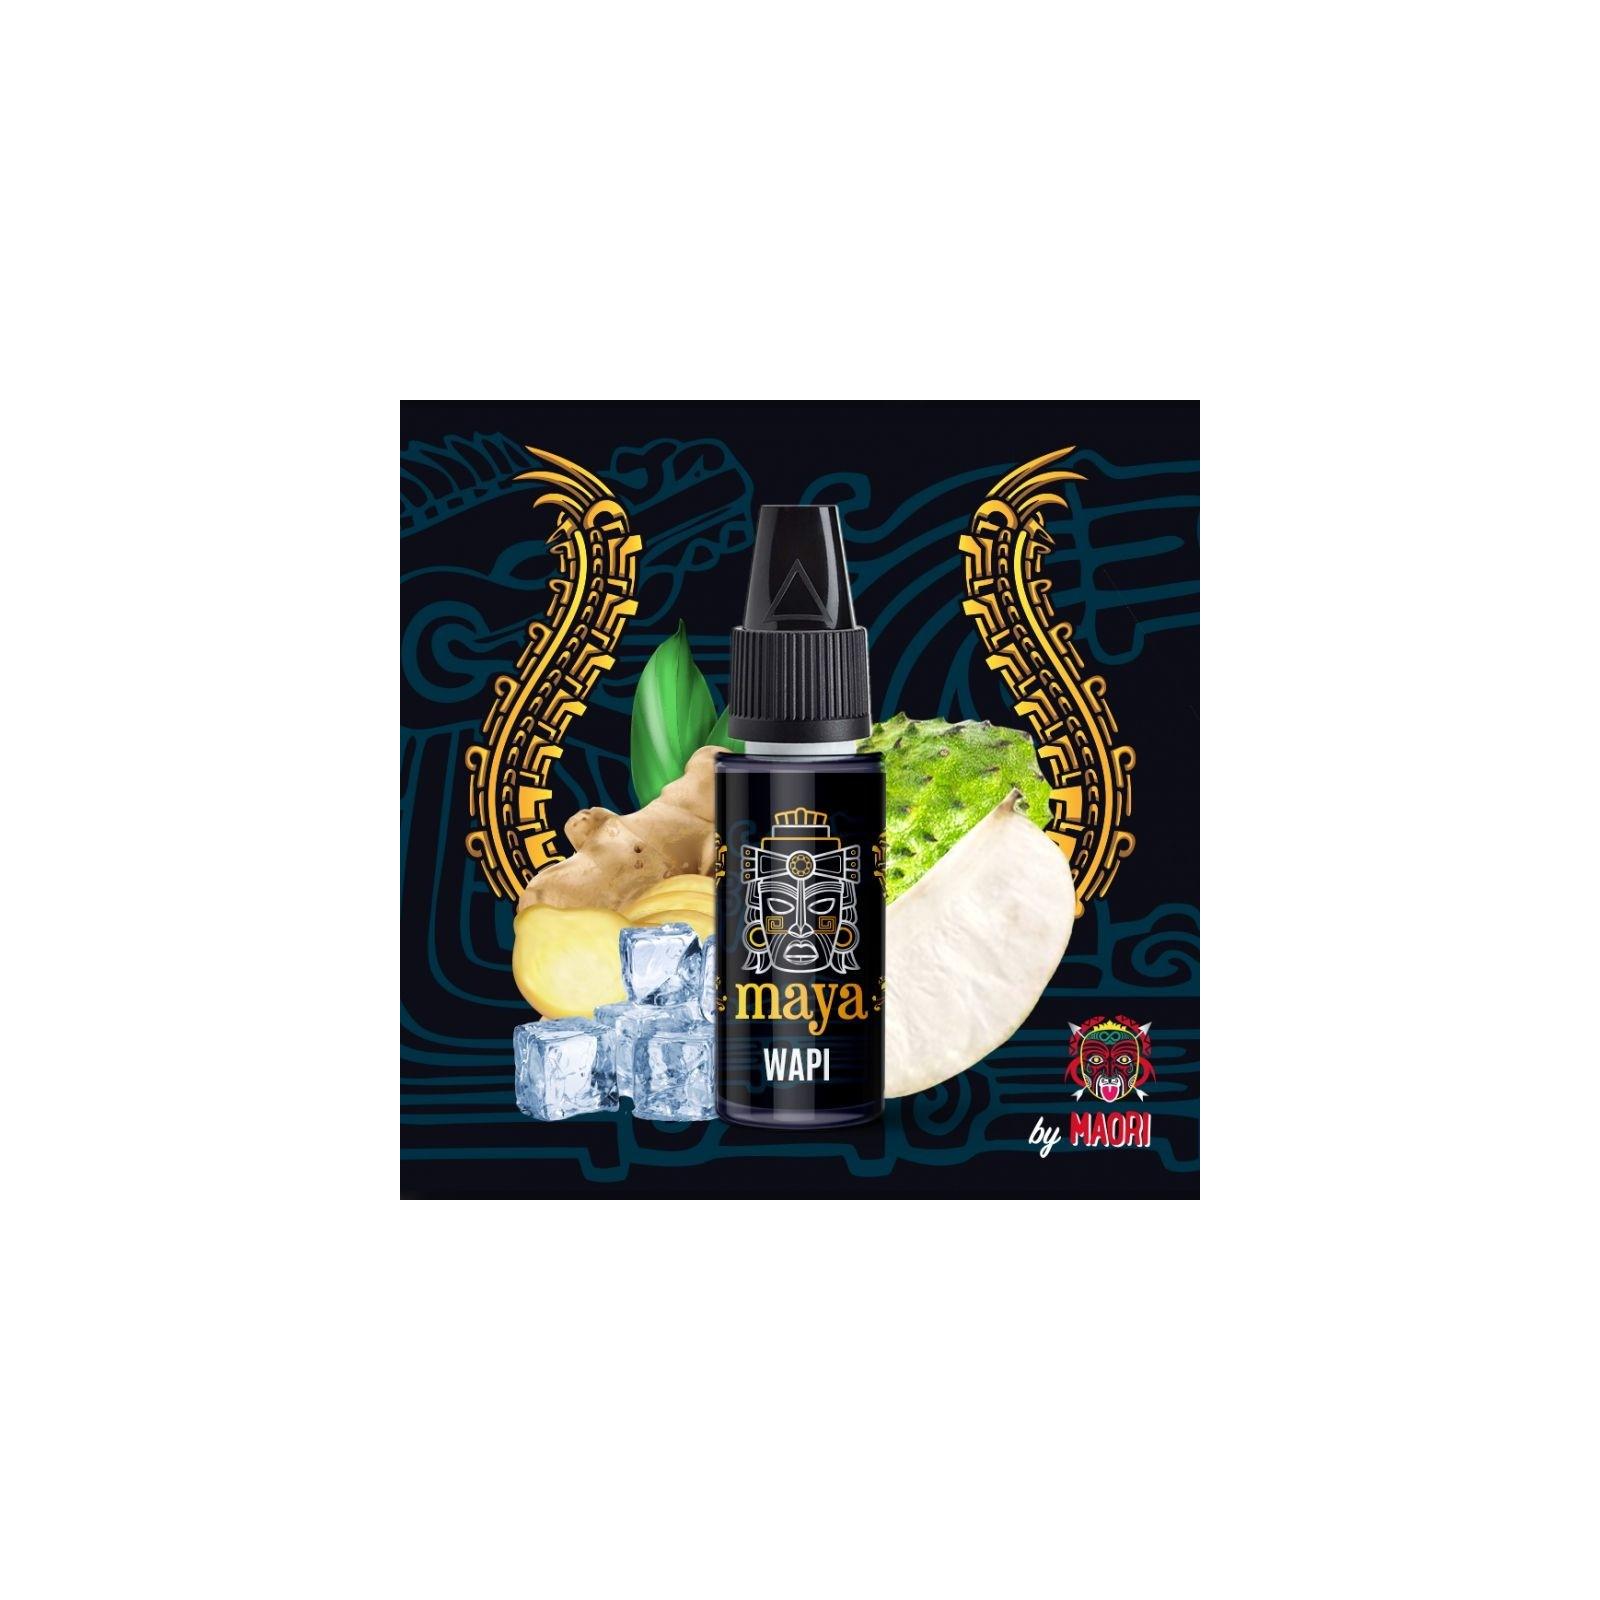 Concentré Wapi Maya - Maori